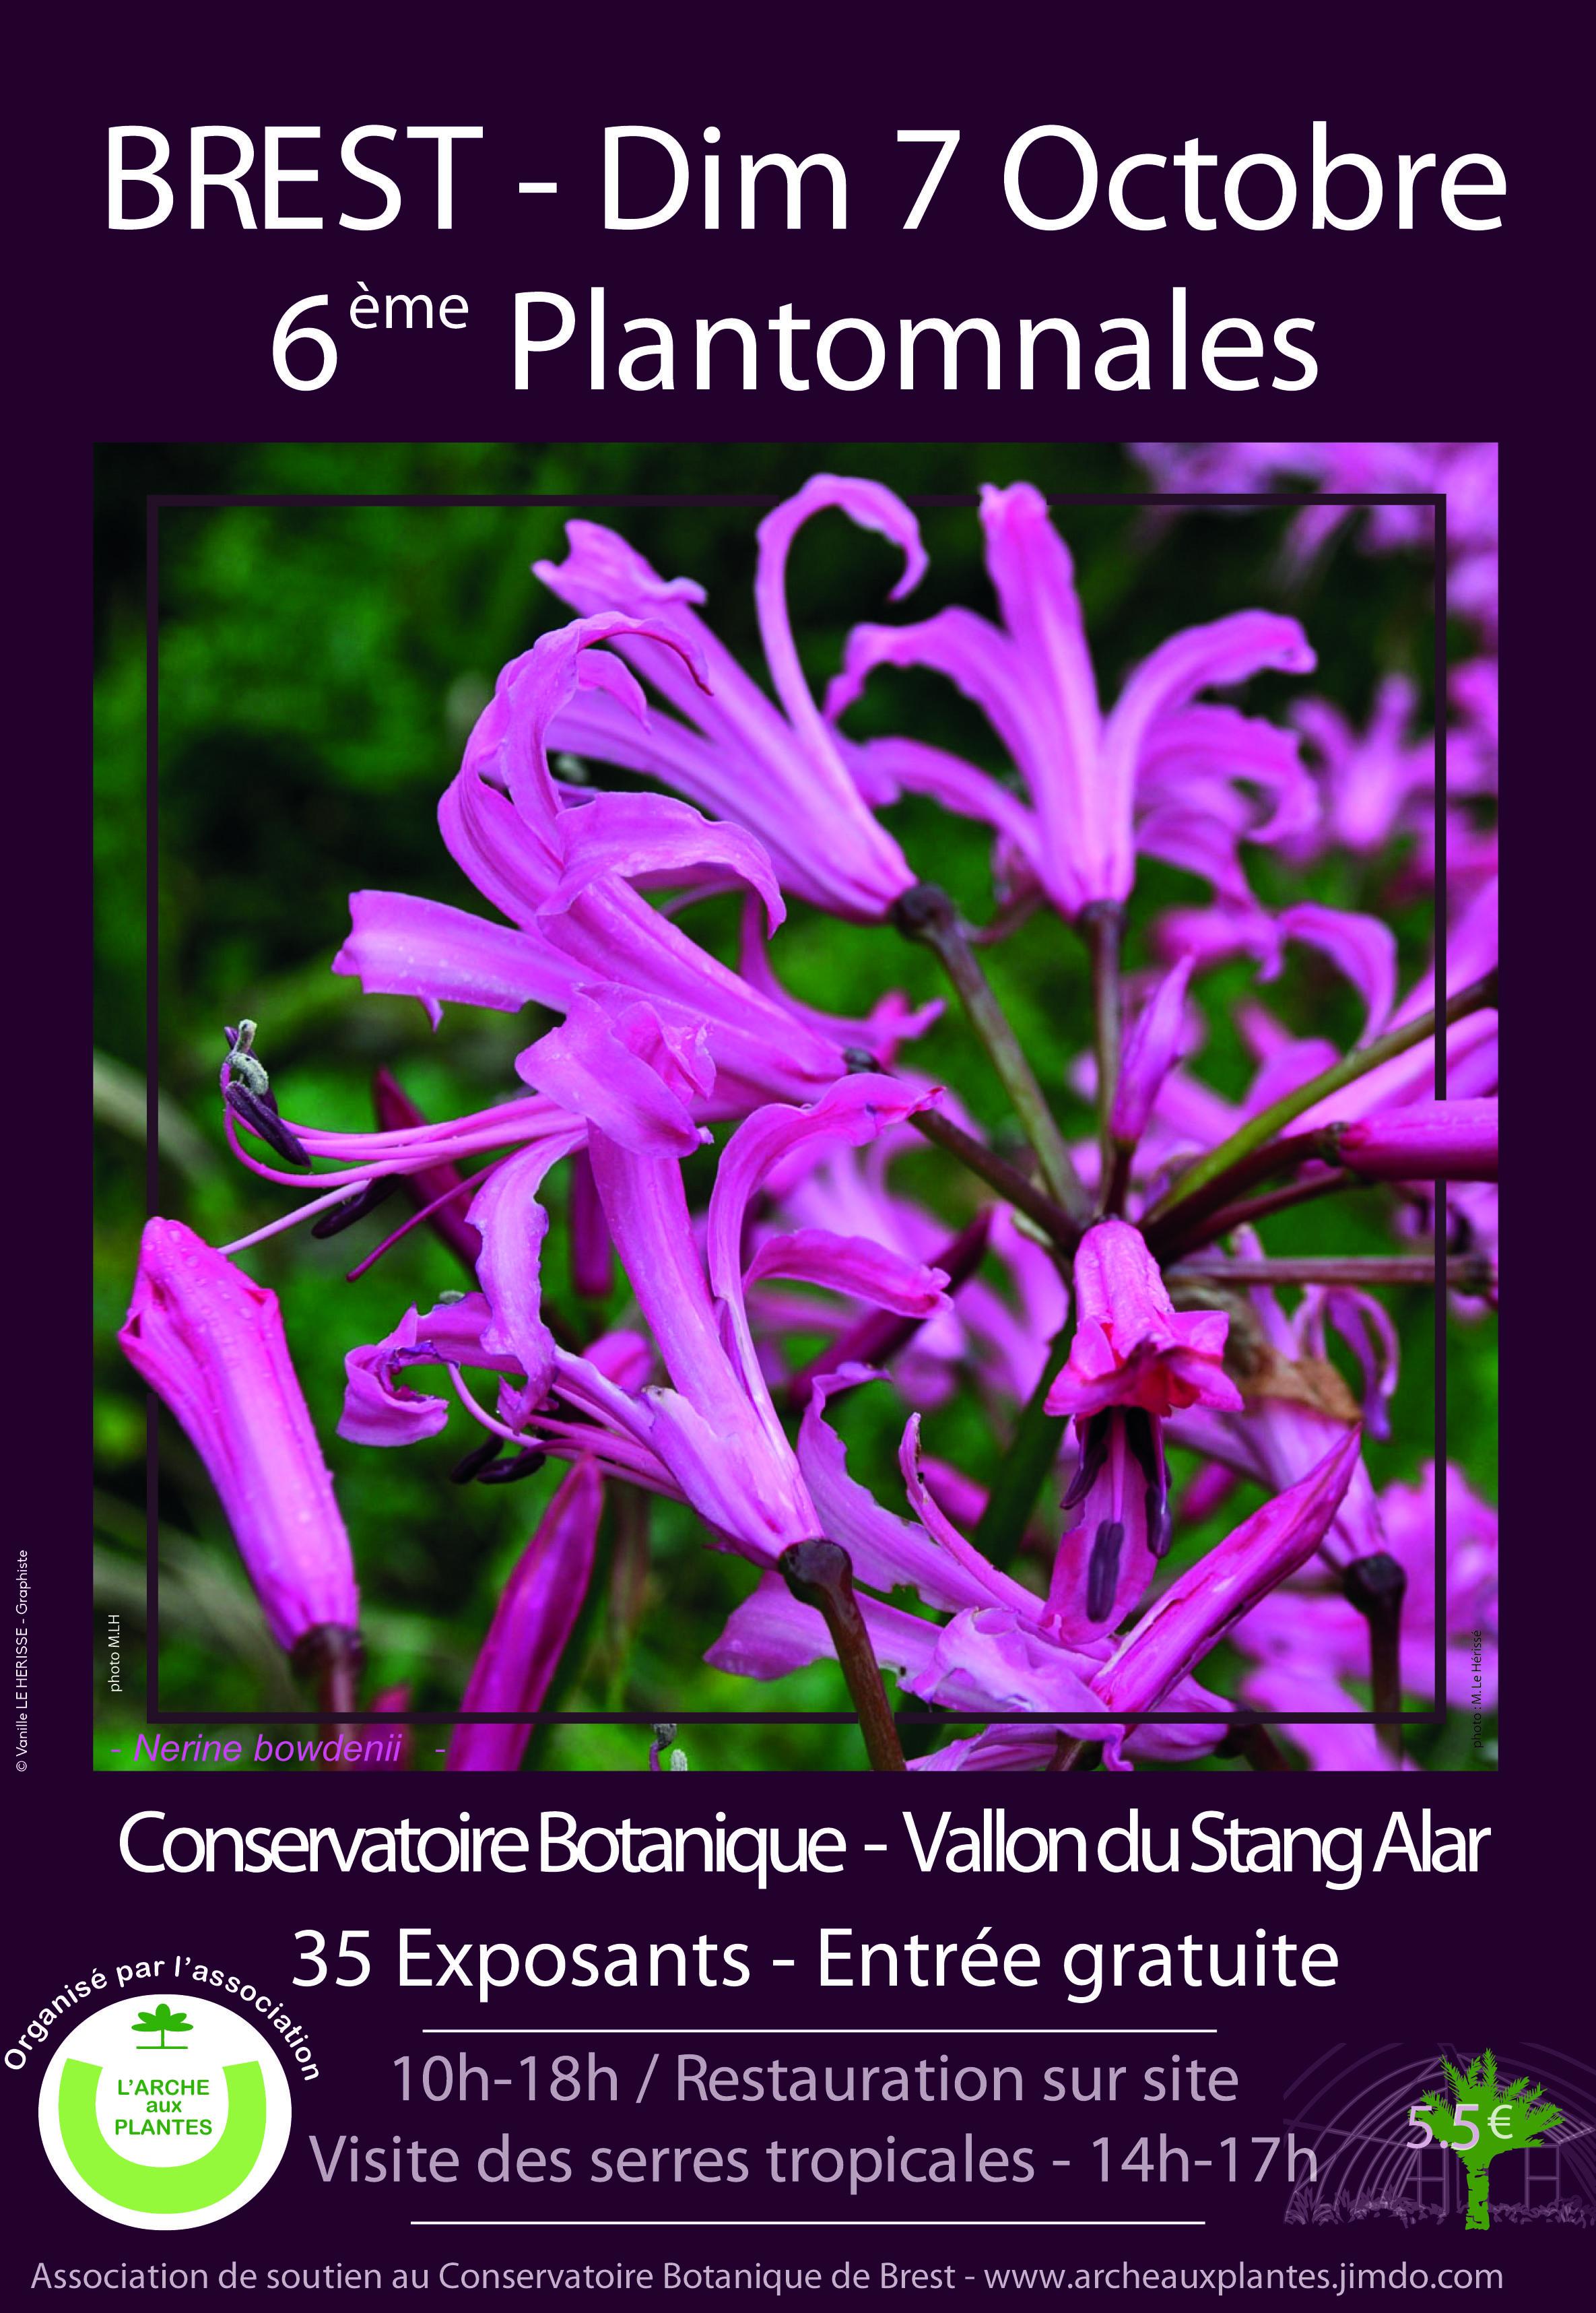 Foire aux plantes au Conservatoire Botanique de Brest